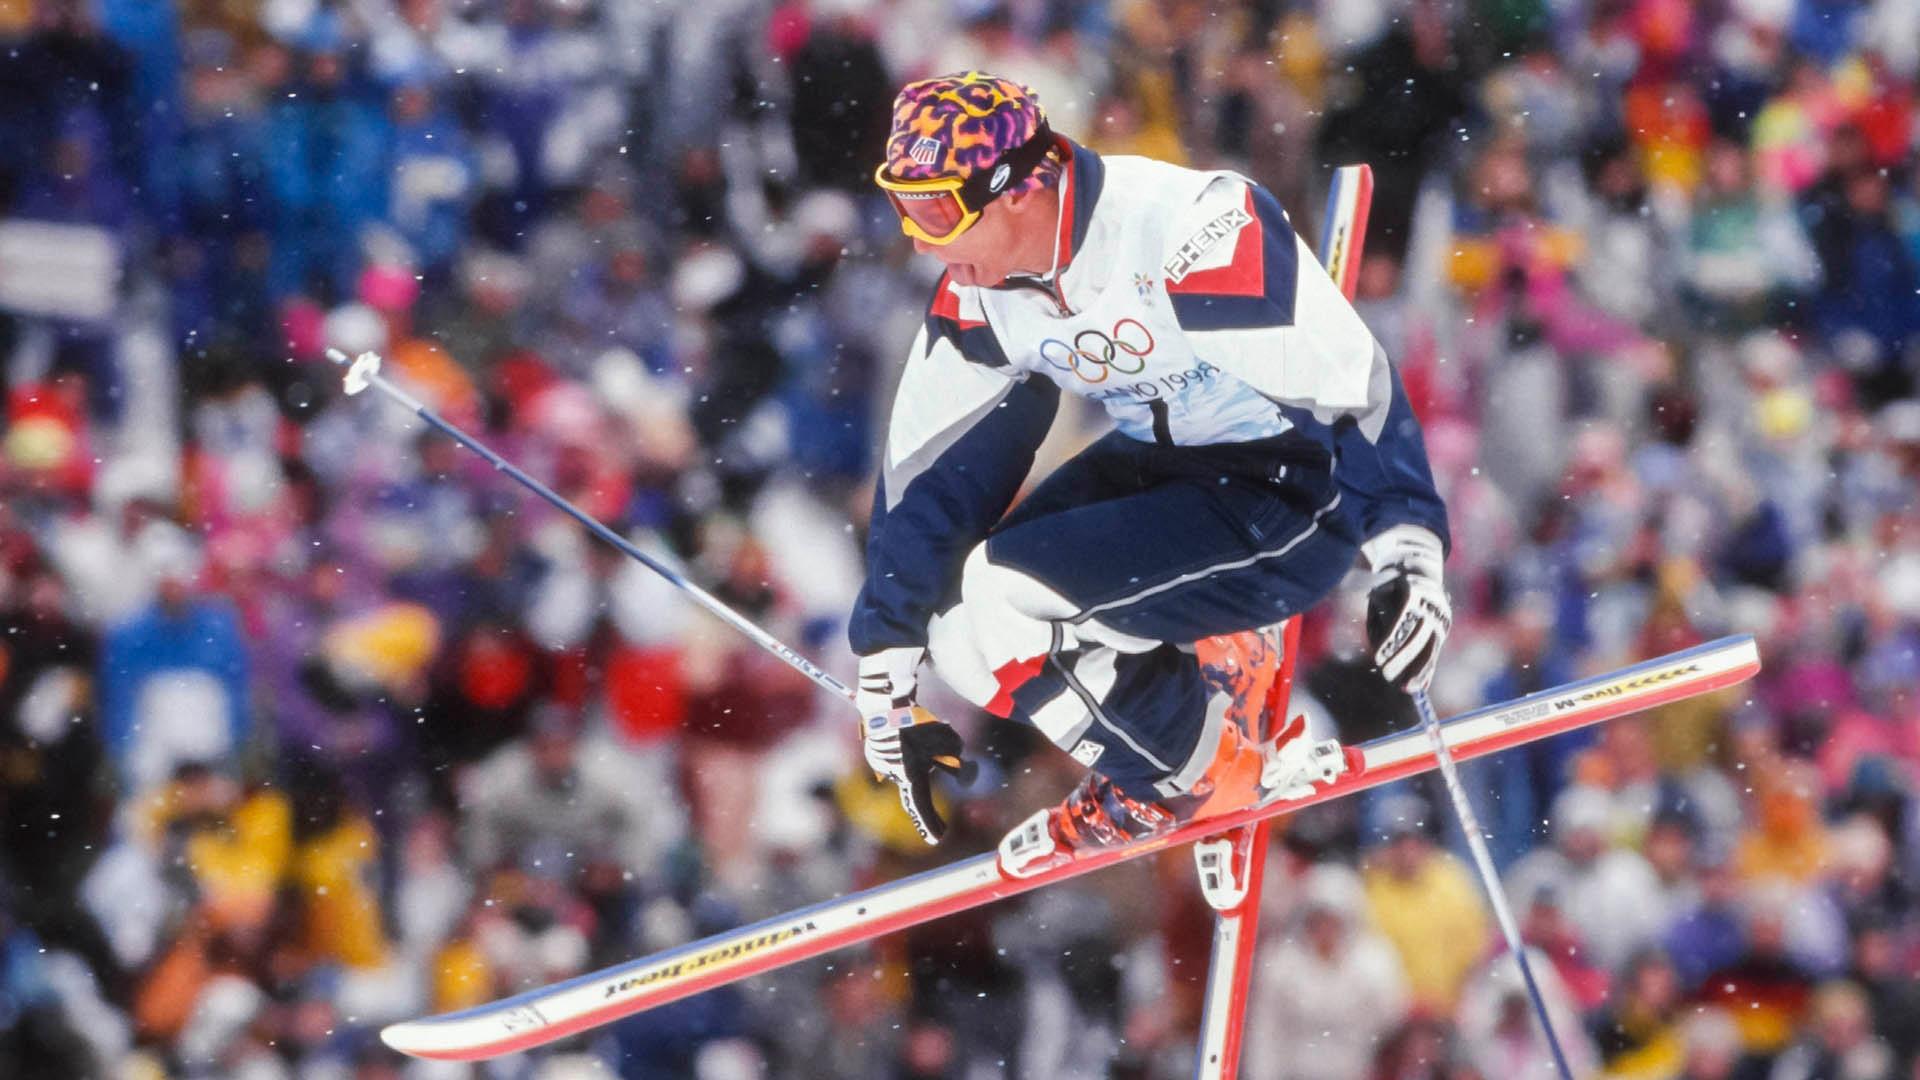 Jonny Moseley at Nagano 1998